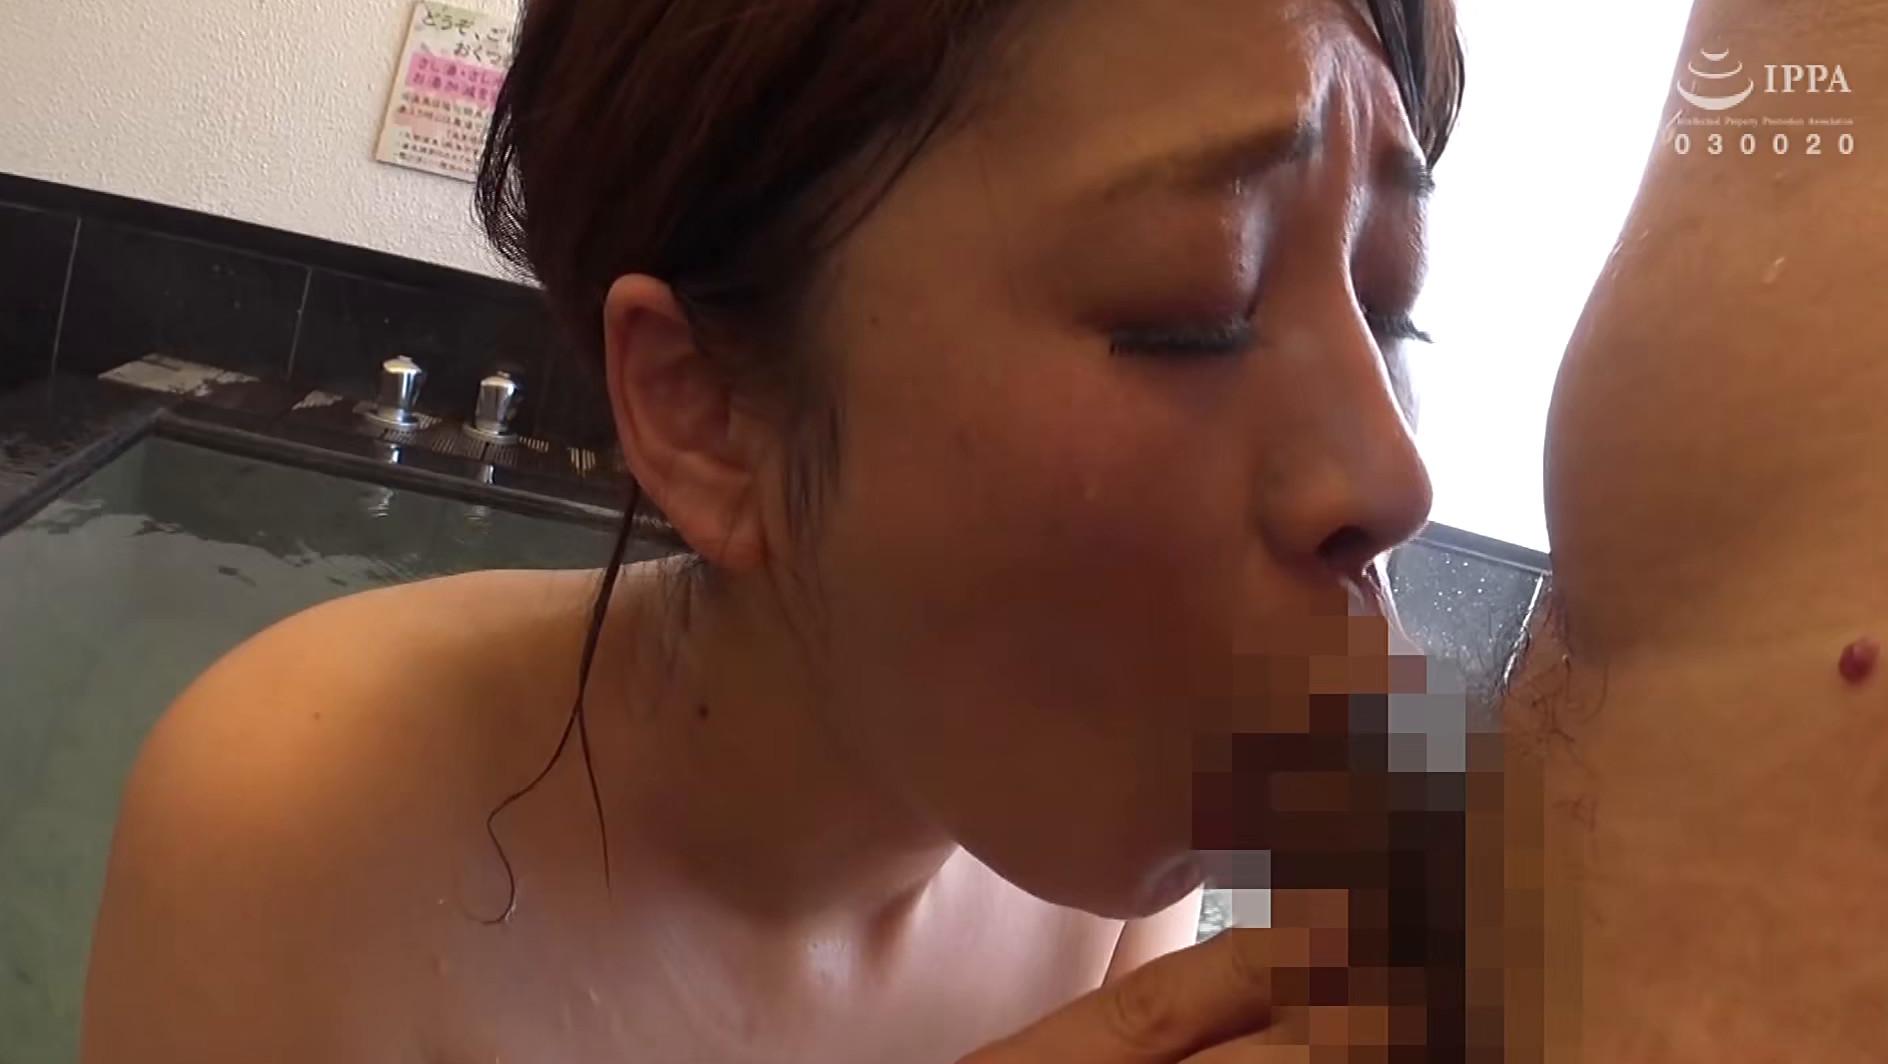 日帰り温泉 熟女色情旅 #023 宏美(仮)40歳 離婚1回 子供1人,のサンプル画像10